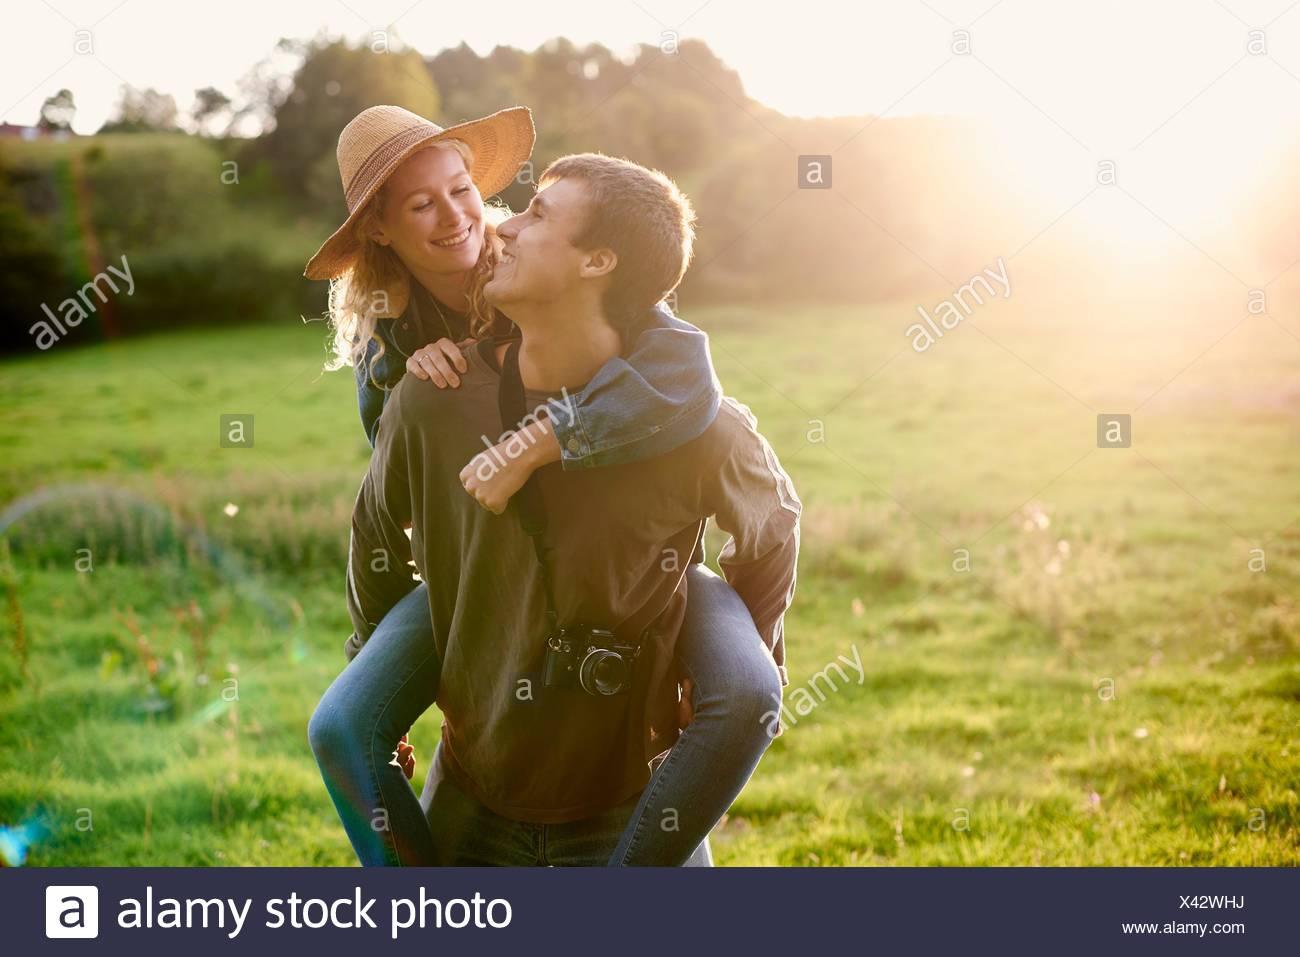 Giovane ragazza dando un piggyback in campo rurale Immagini Stock